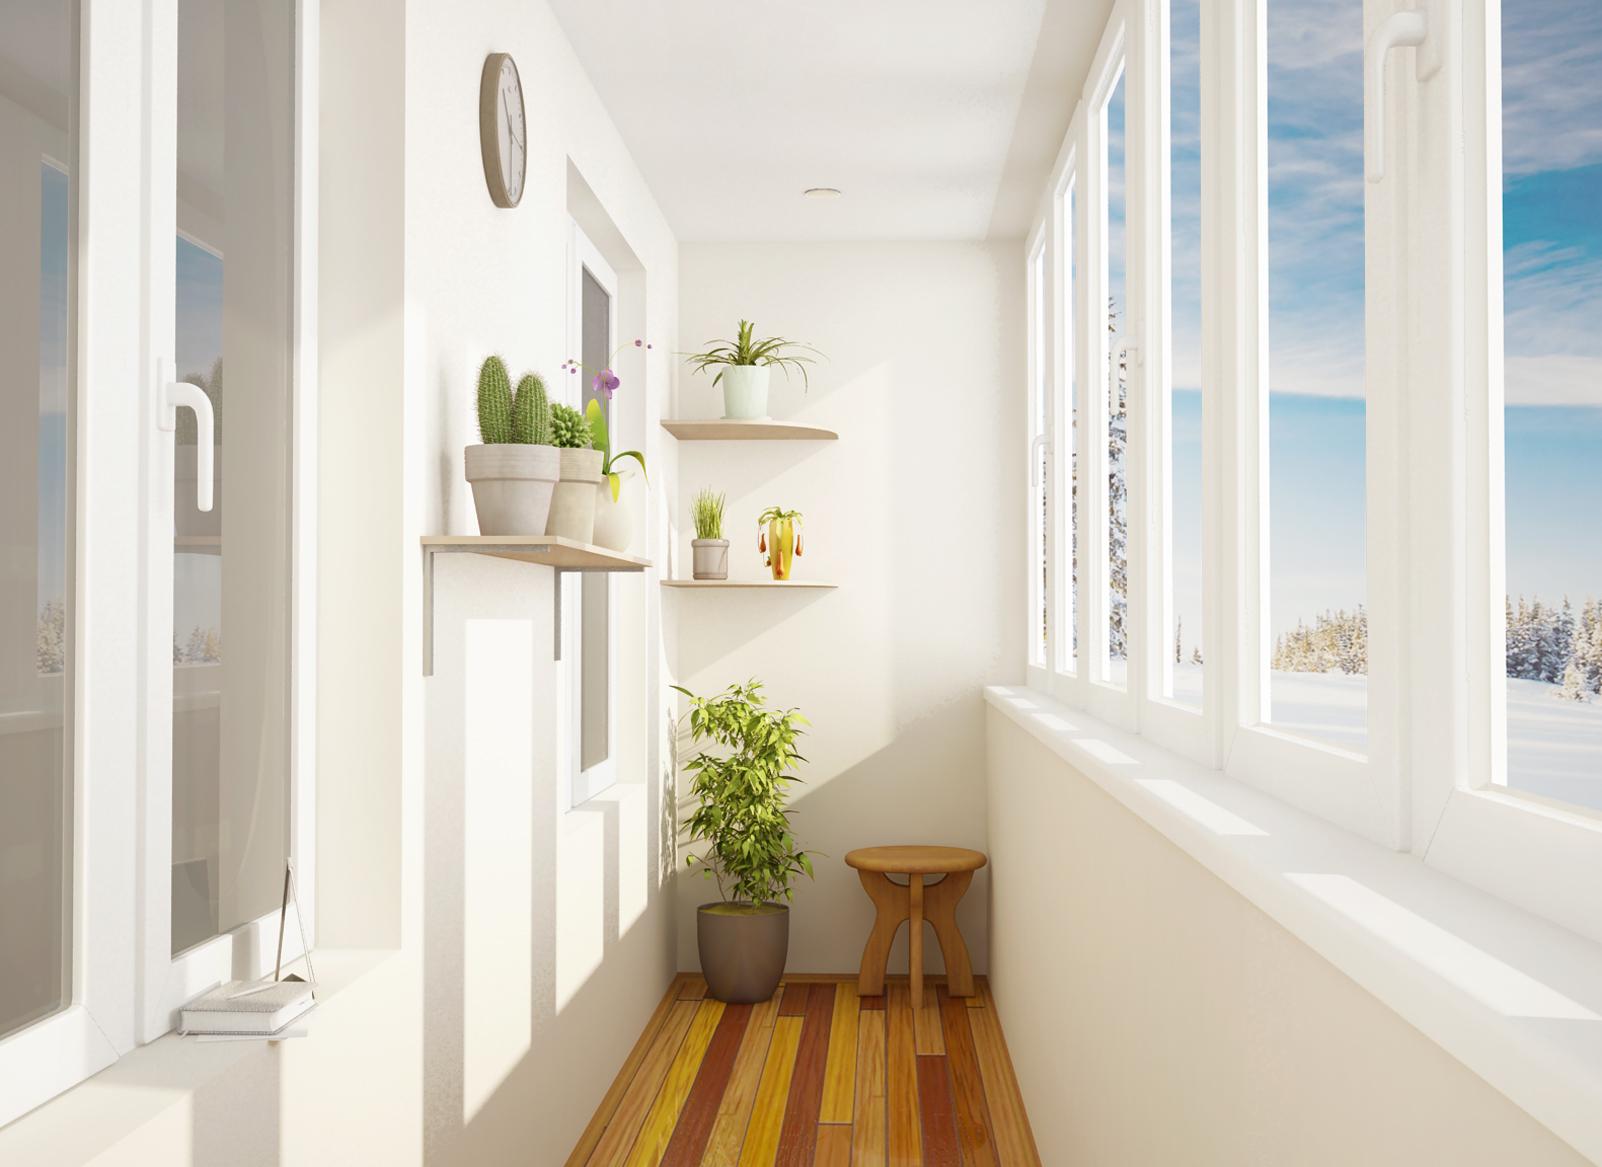 Балкон и лоджия: современный взгляд на оформление.